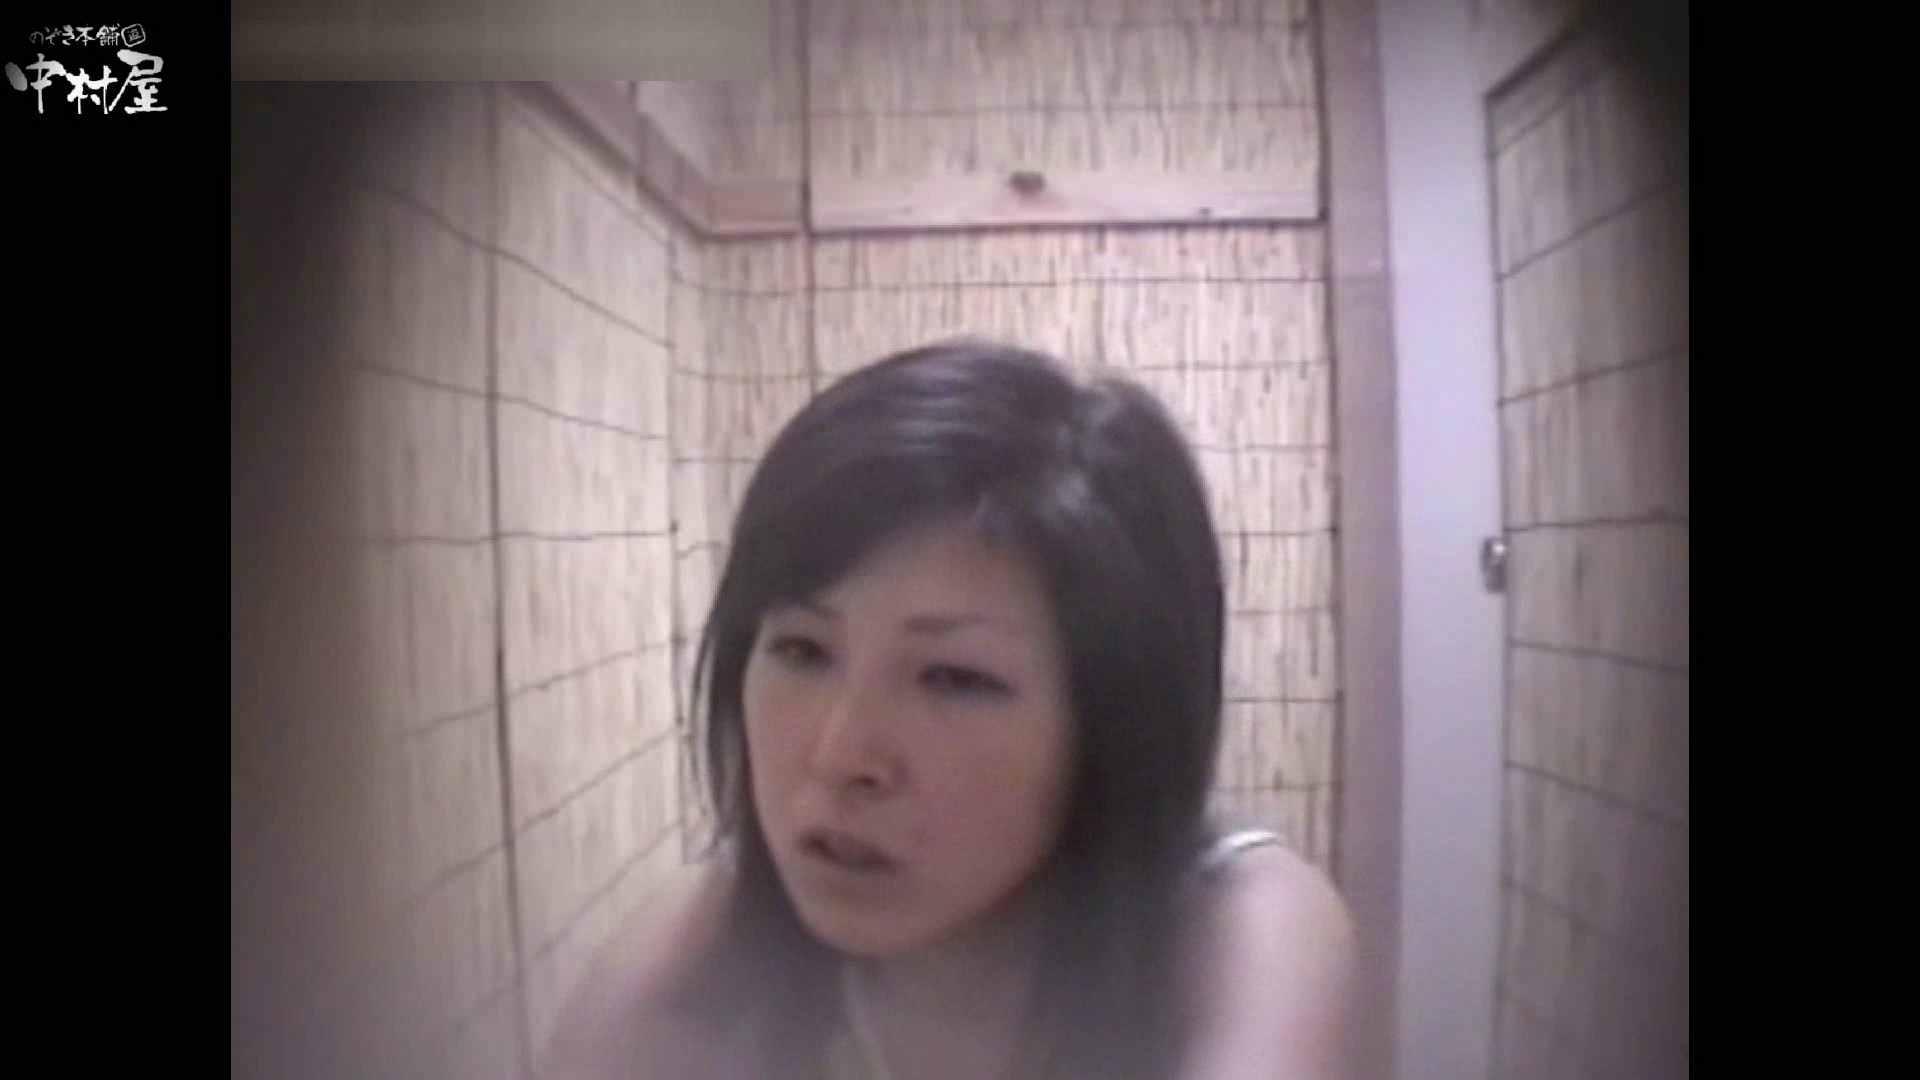 解禁!海の家4カメ洗面所vol.50 ギャルエロ画像 オメコ動画キャプチャ 101PICs 54